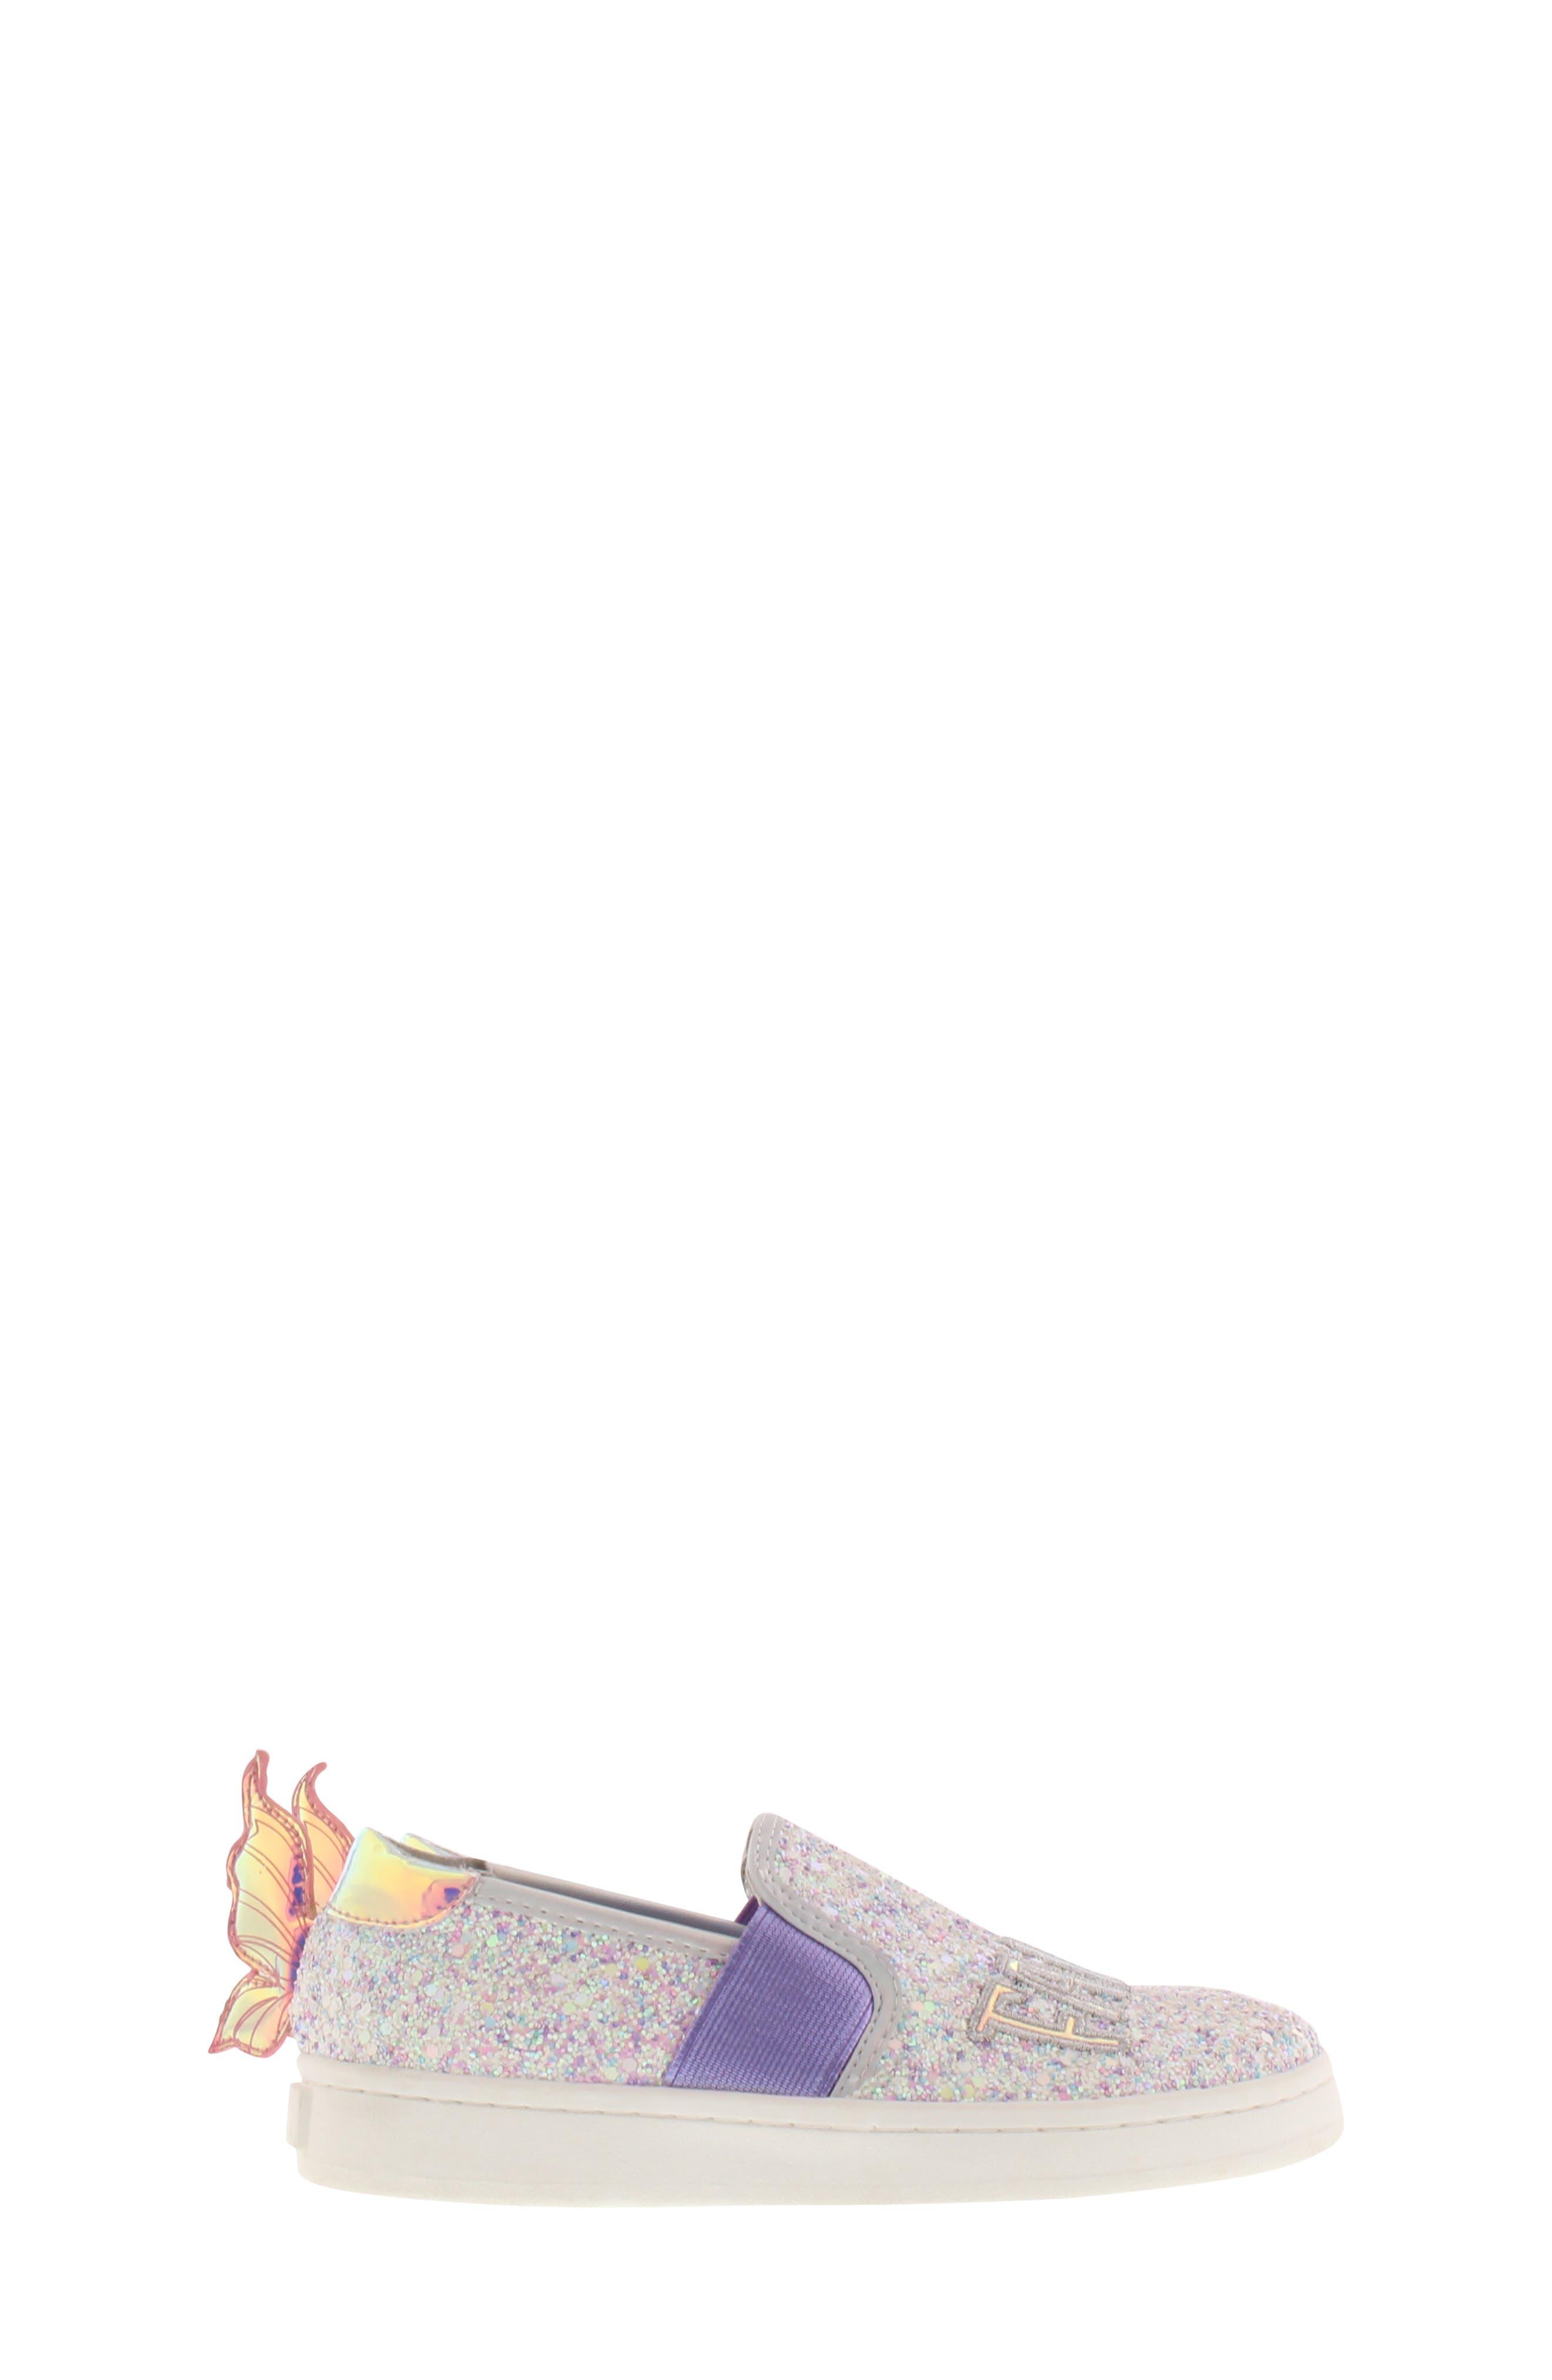 SAM EDELMAN, Blake Lina Fairy Glitter Slip-On Sneaker, Alternate thumbnail 3, color, PINK/ PURPLE